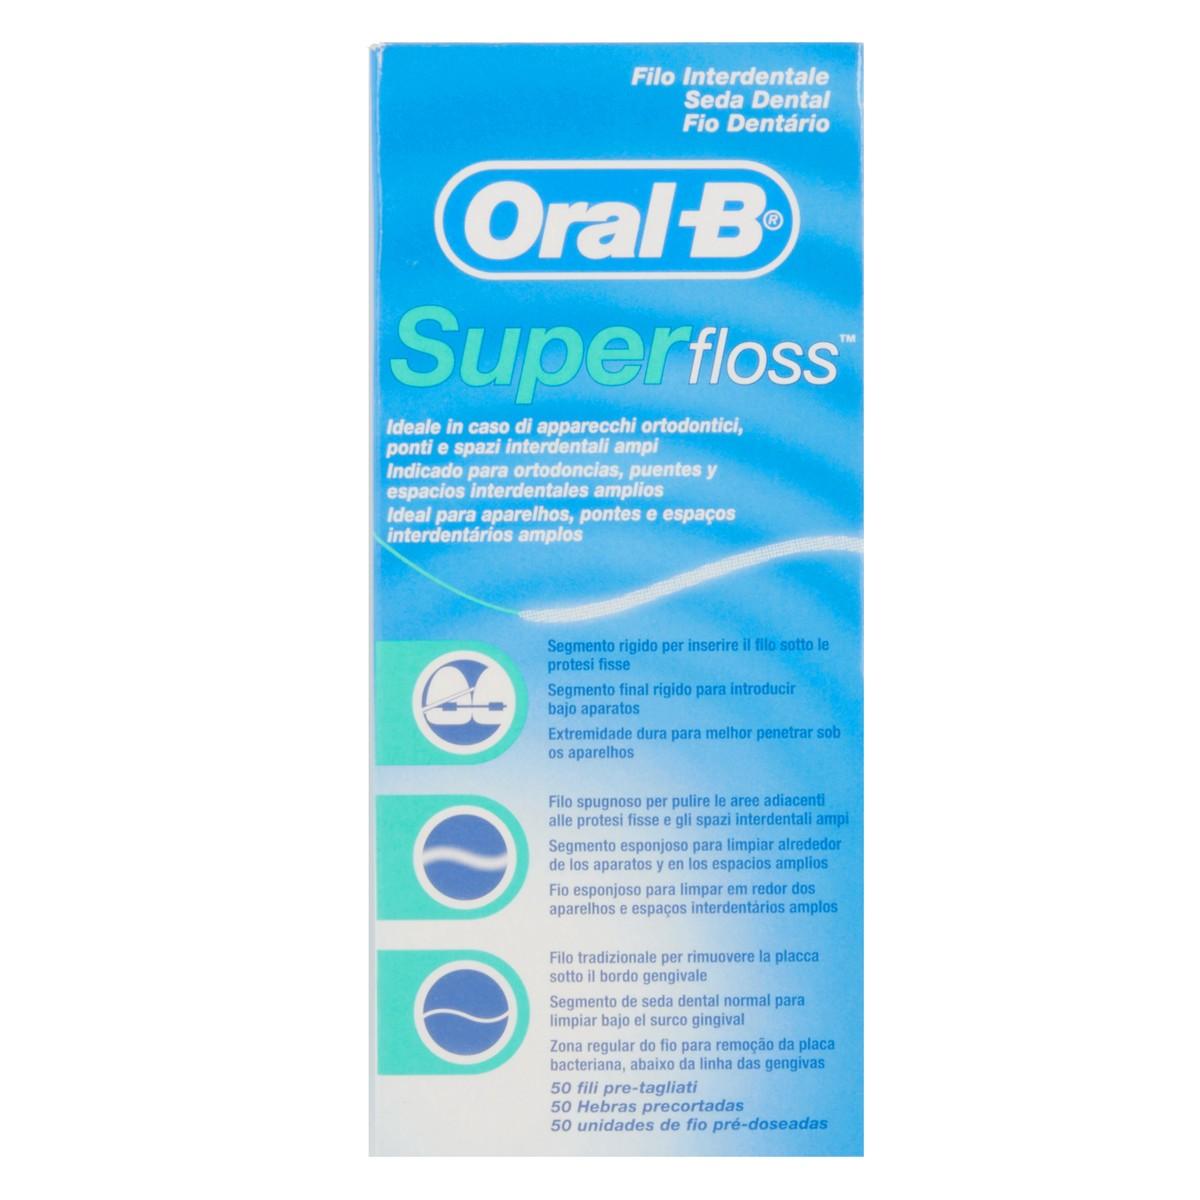 Oral-B Filo interdentale Super Floss